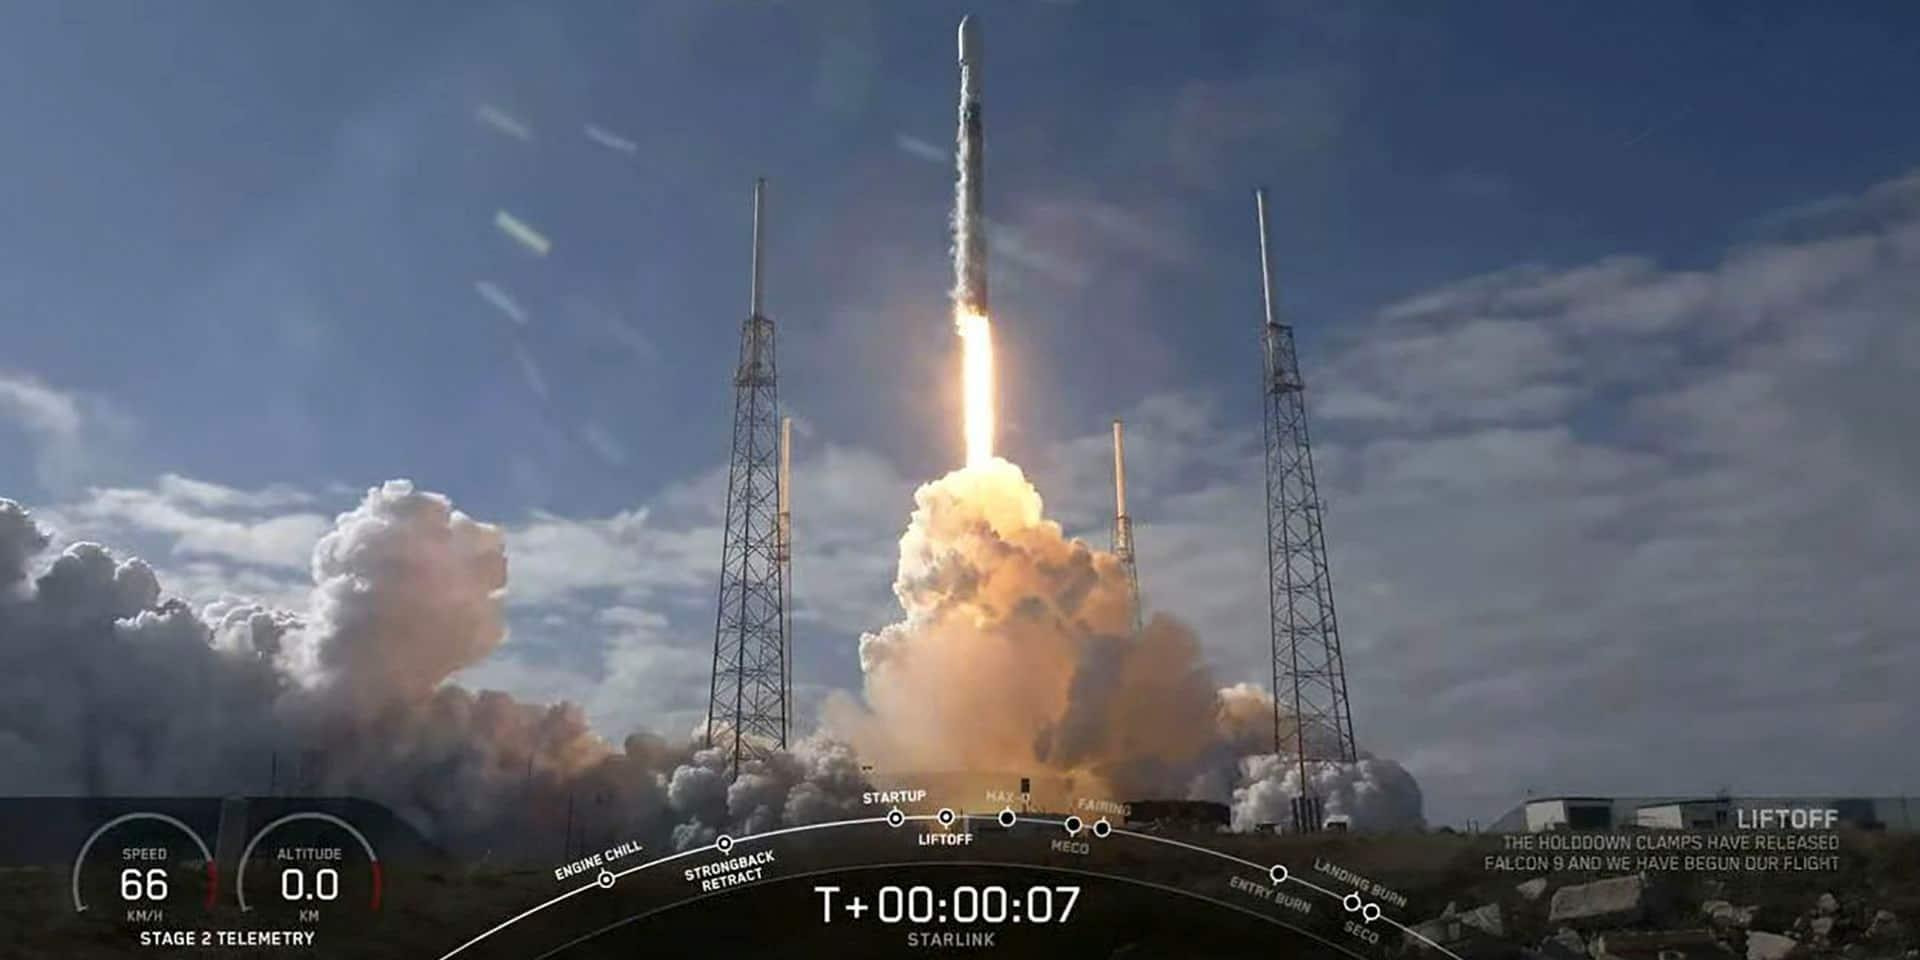 Cette image fournie par SpaceX montre une fusée Falcon 9 alors qu'elle décolle pour lancer 60 nouveaux satellites Starlink en orbite depuis la station de Cap Canaveral Air Force, en Floride, le 17 février 2020. Mais l'atterrissage a été manqué.